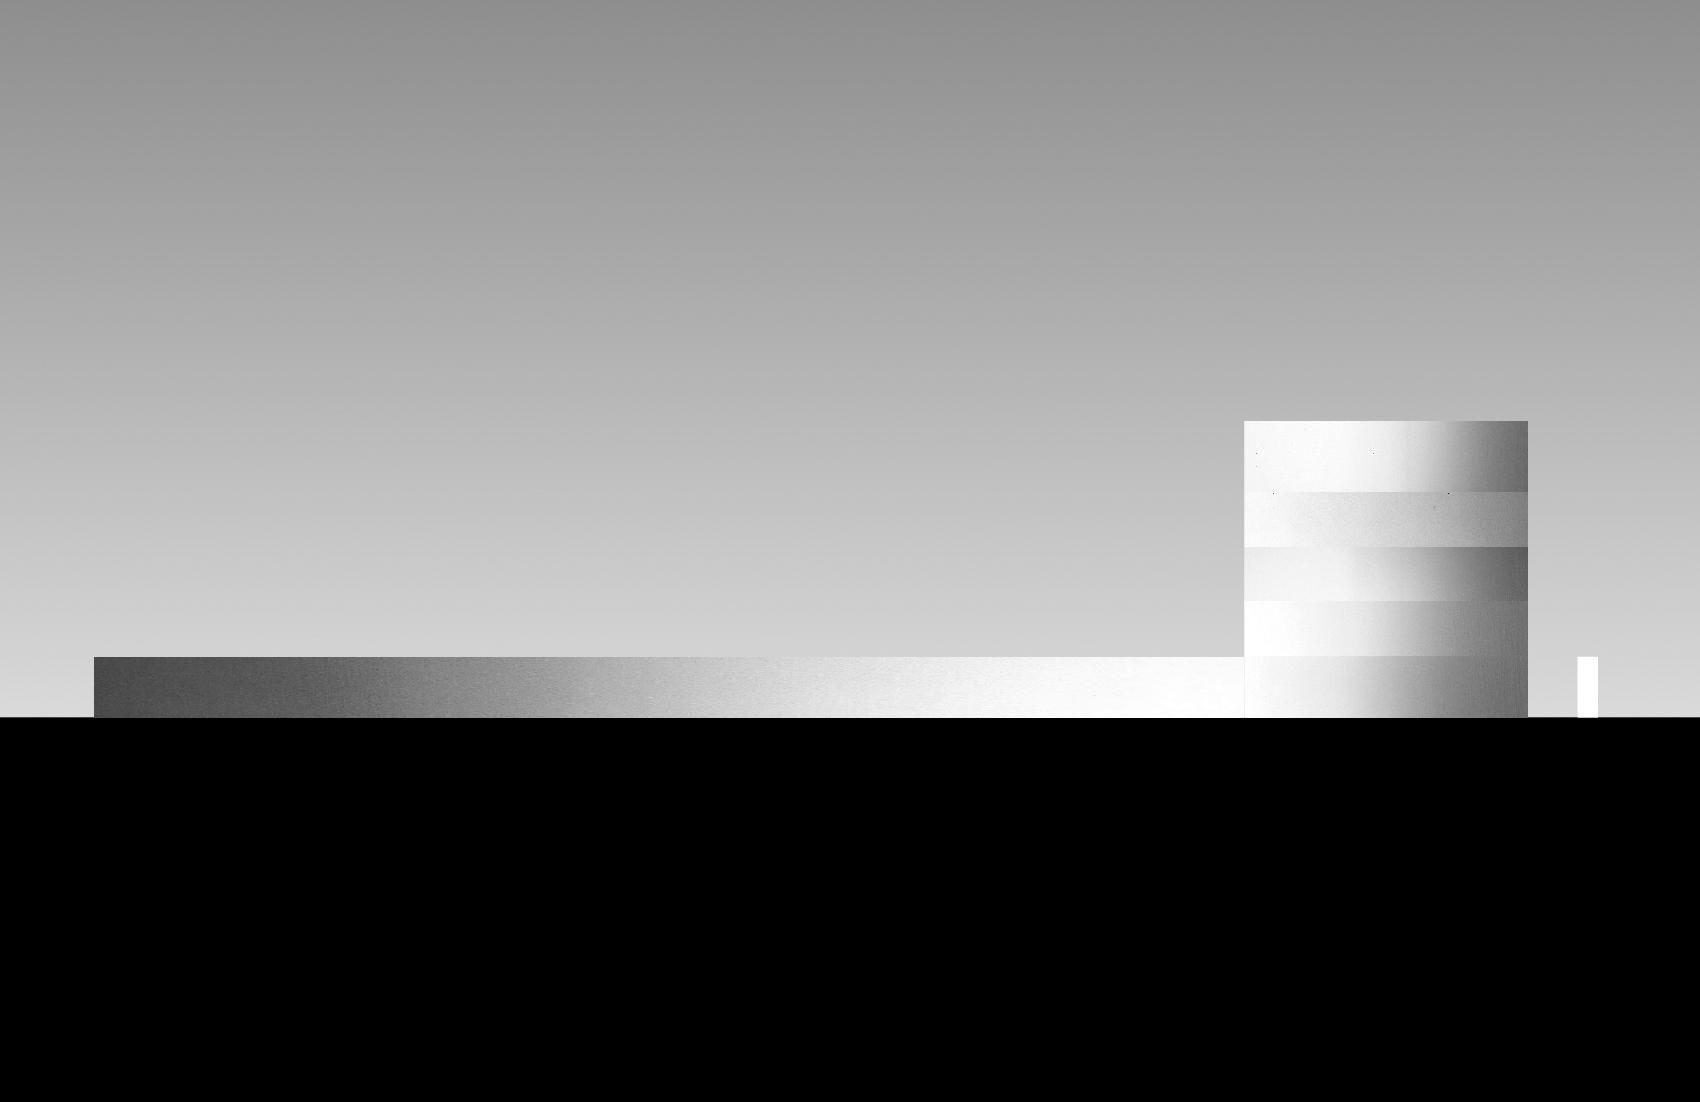 sugimoto-facade5.jpg